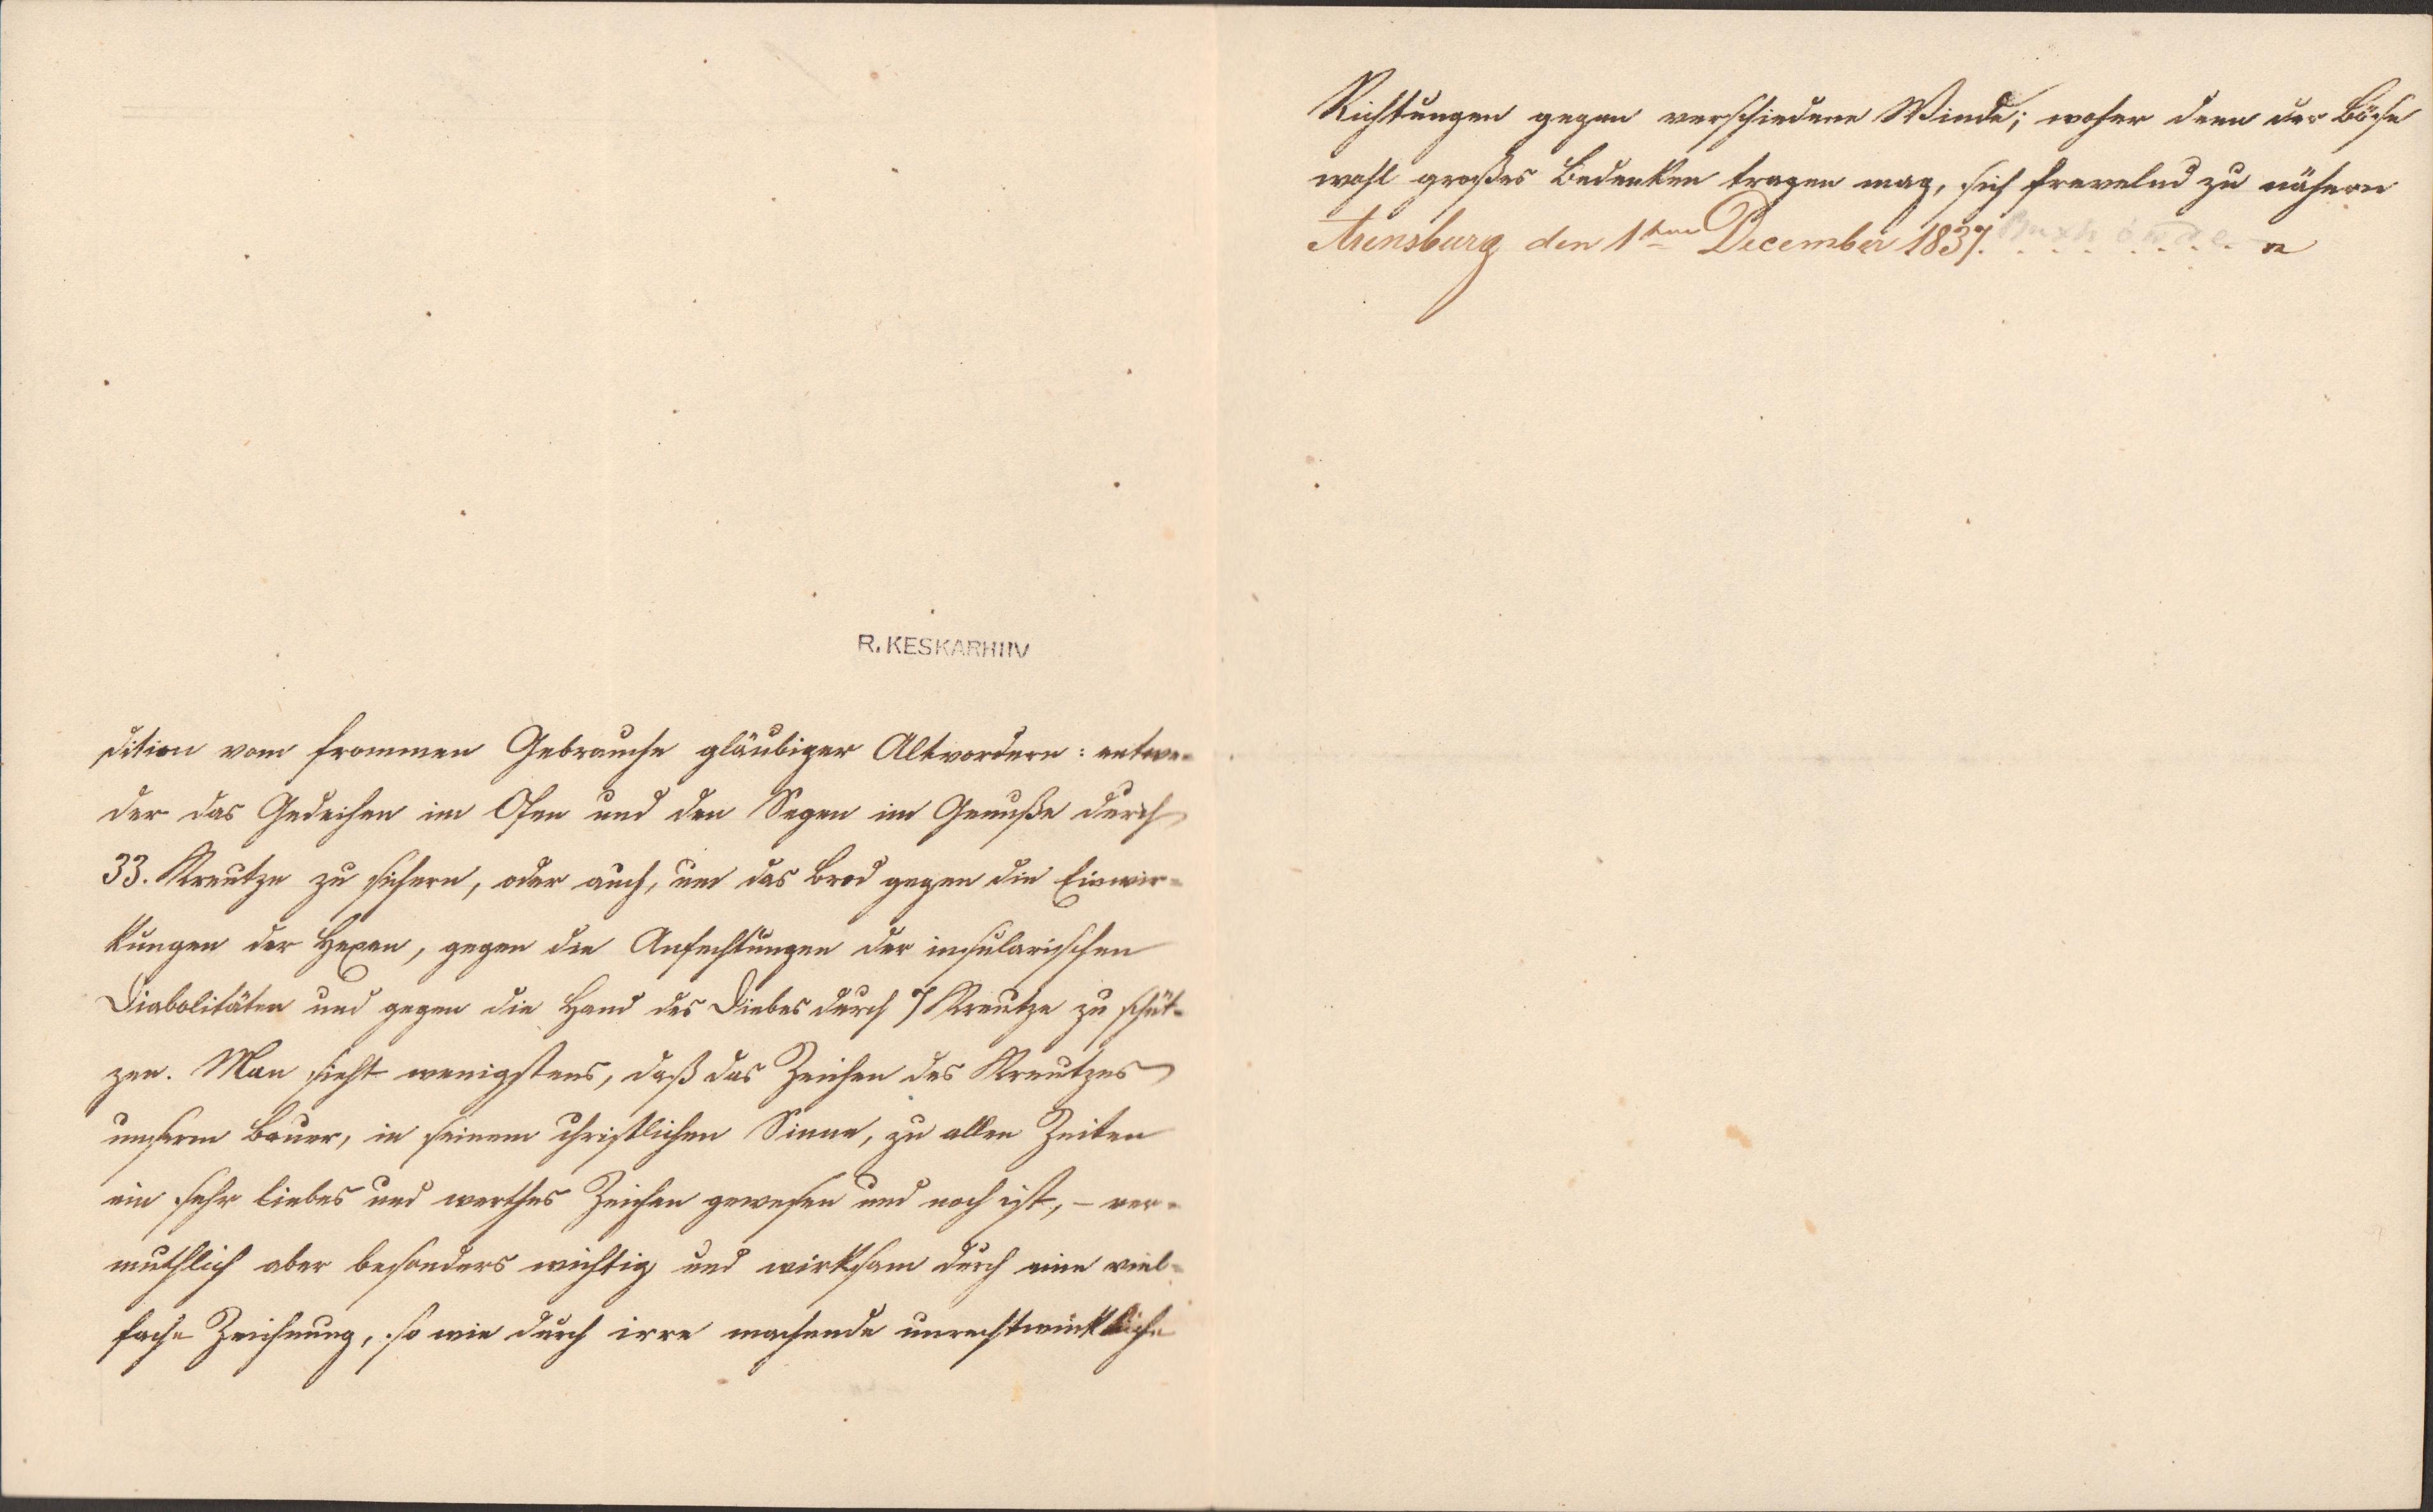 Ilmselt perekond Buxhöwdeni esindaja poolt 1837. aastal Saaremaal ülestähendatud kirjeldus sellest, kui oluline oli kaitsta oma toitu kurja silma, nõidade ja muu halva eest teatud sümboolikaga. EAA.2069.1.827. MDS00013